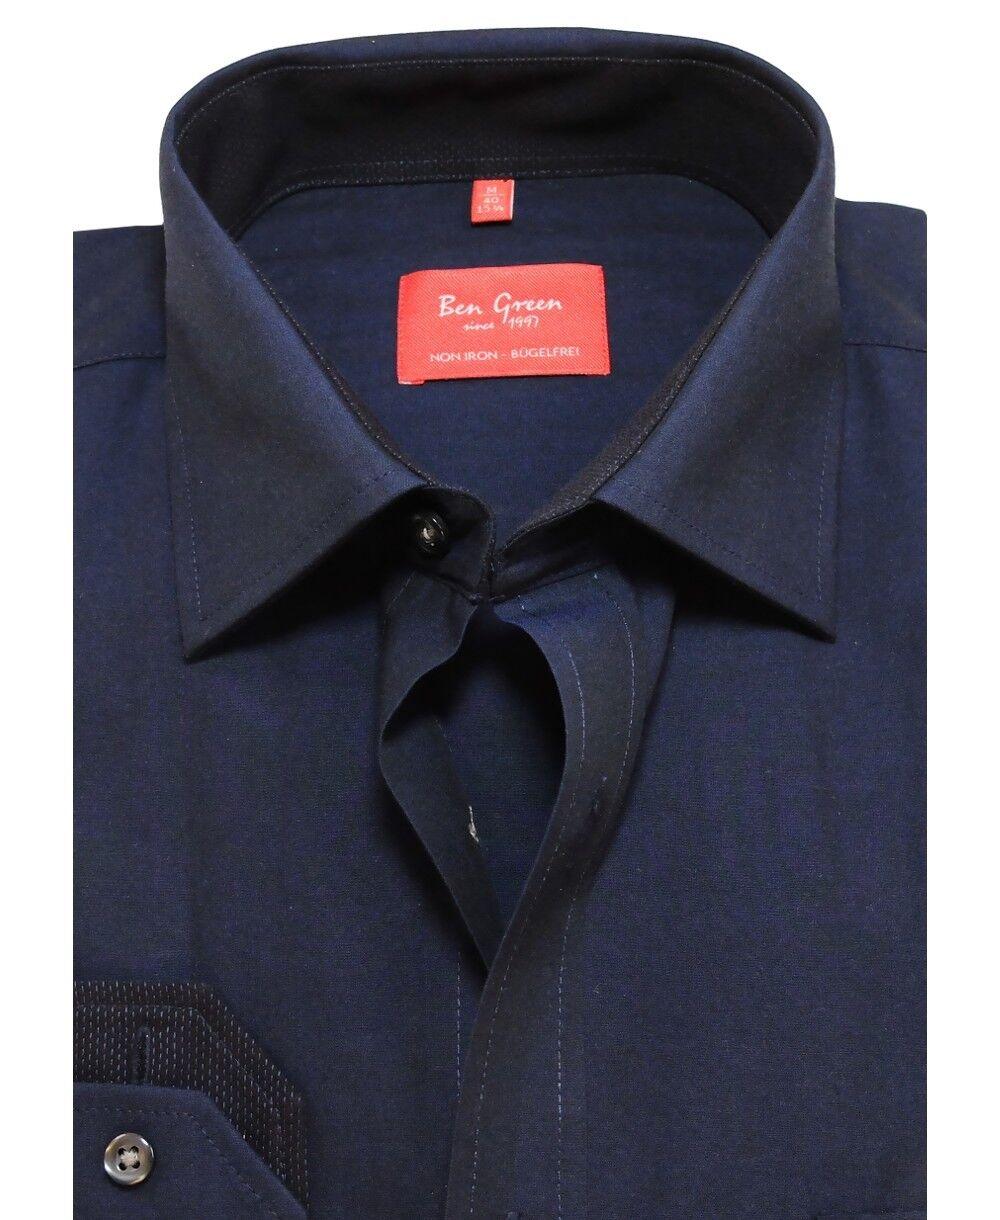 Ben Grün rotline rotline rotline Regular Fit Langarmhemd dunkelblau mit Patches Gr. 40 bis 48 | Neue Produkte im Jahr 2019  | Einfach zu spielen, freies Leben  | Wunderbar  1d8268